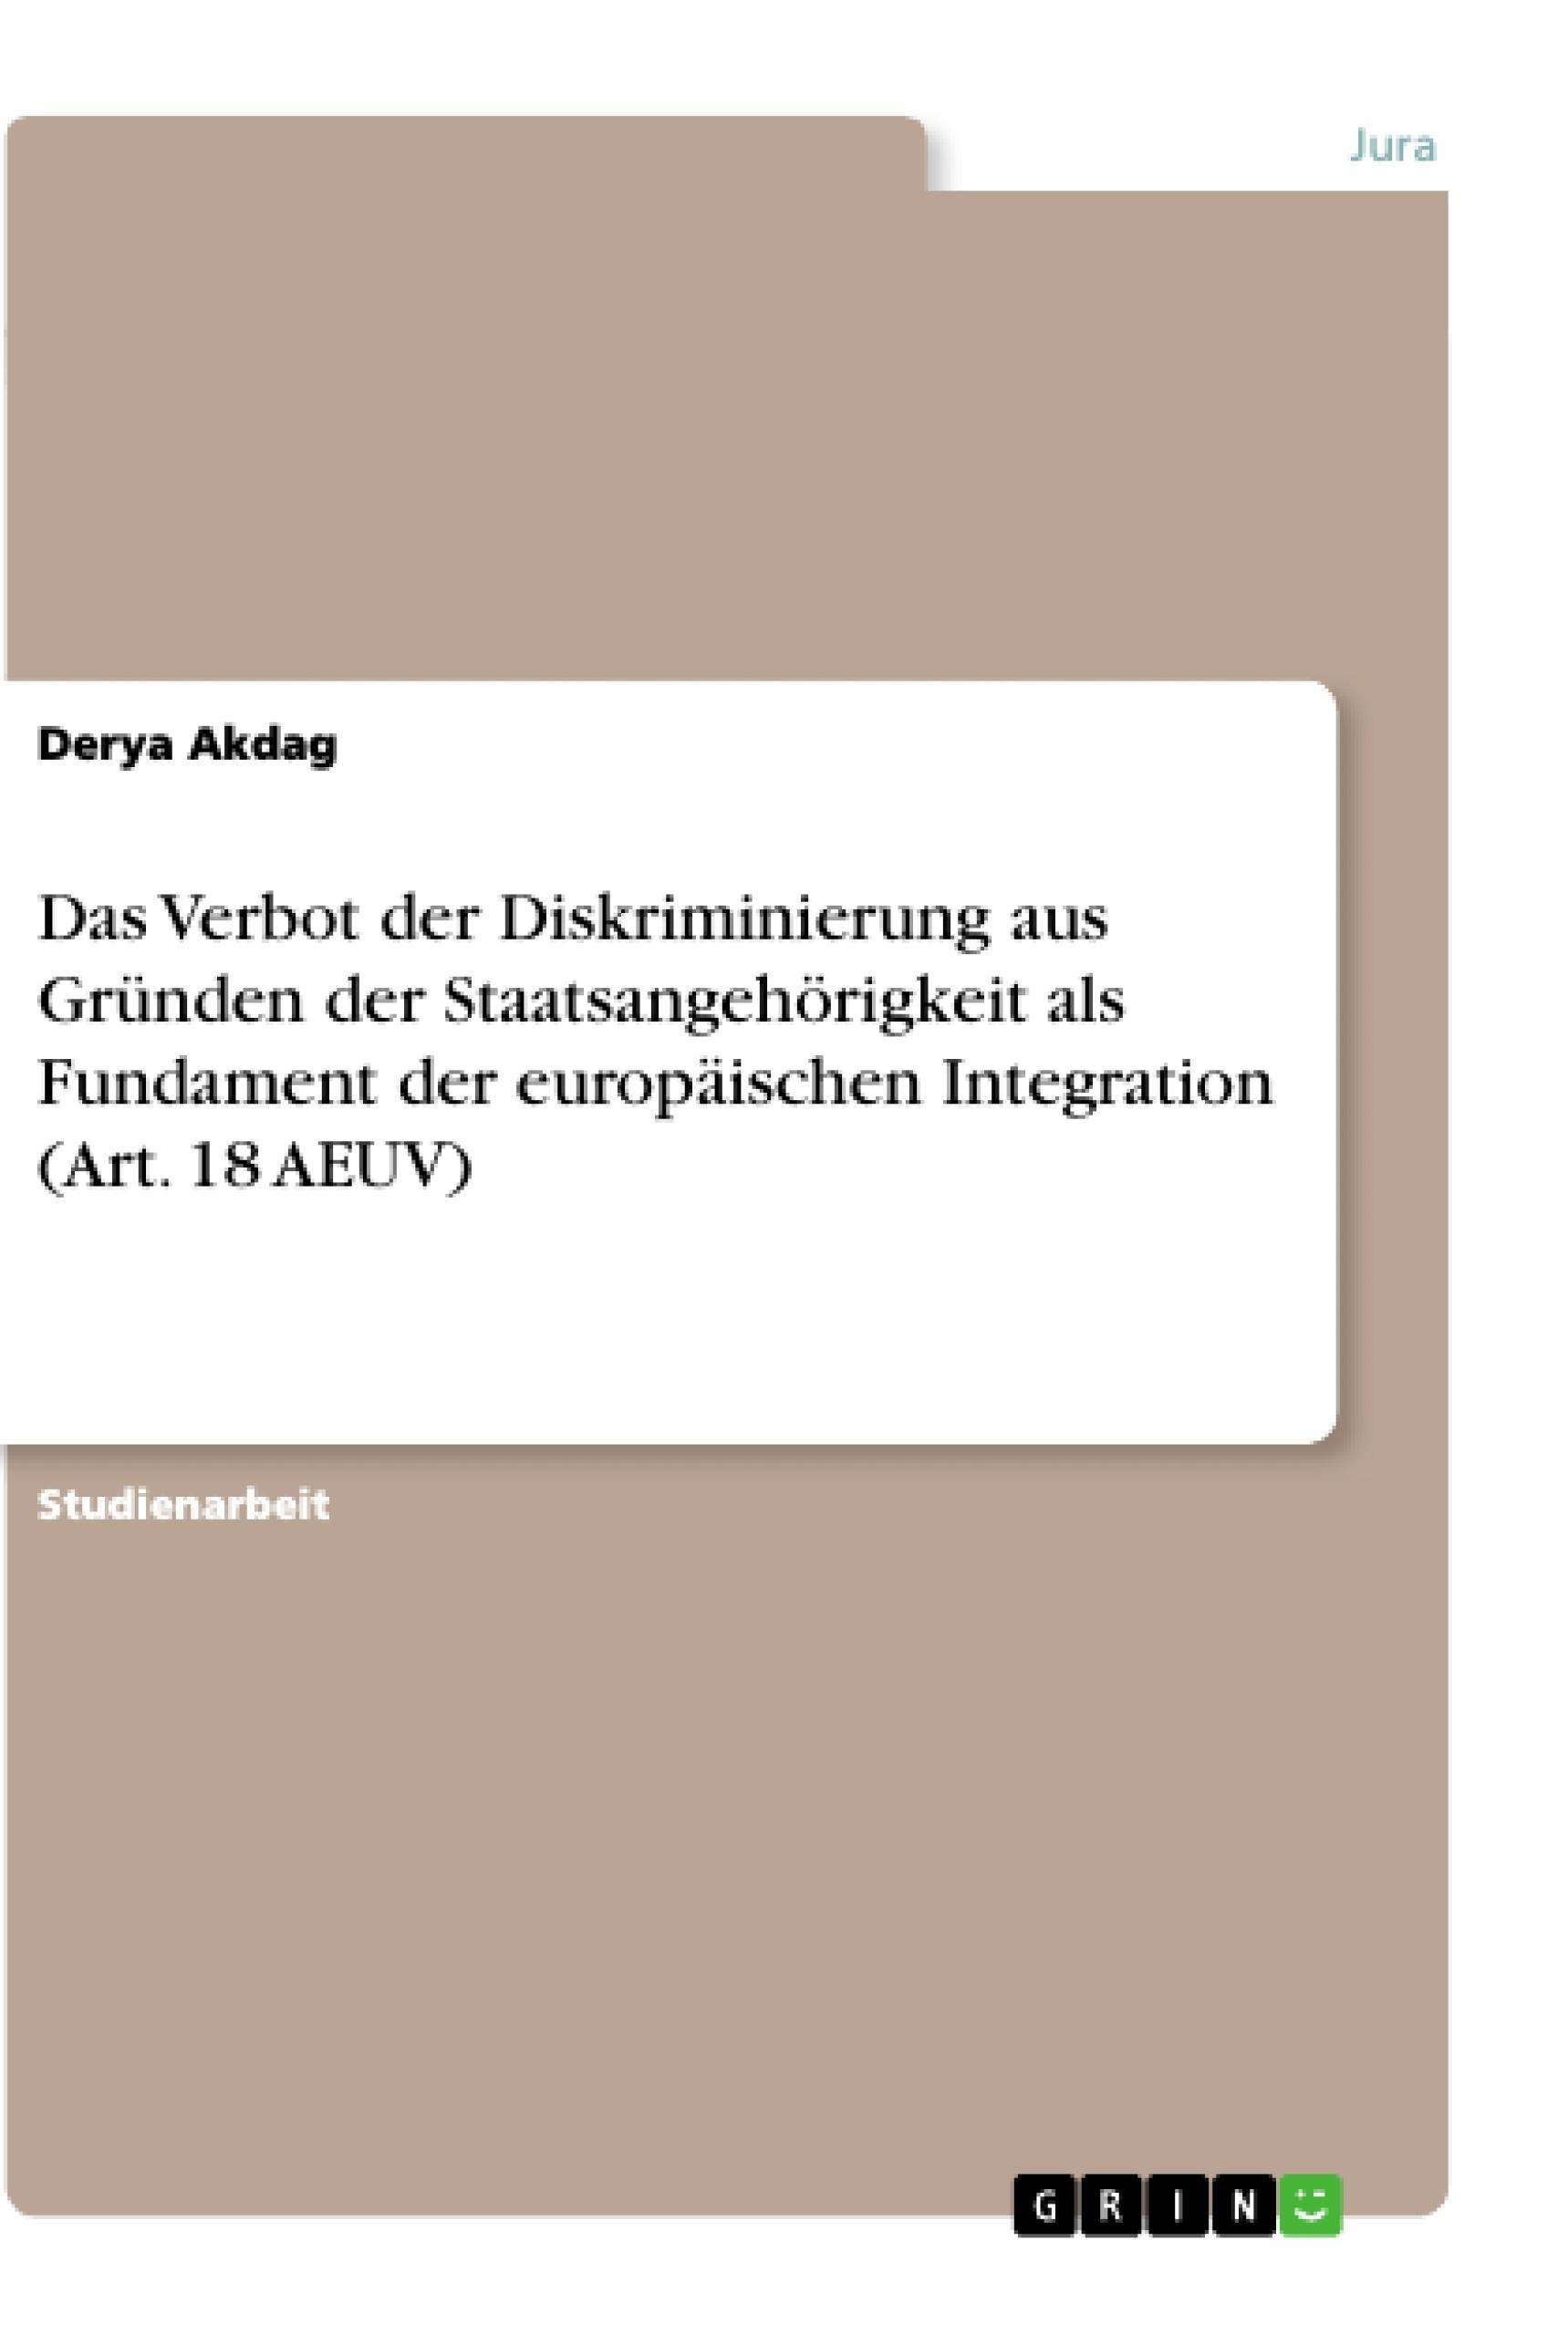 Titel: Das Verbot der Diskriminierung aus Gründen der Staatsangehörigkeit als Fundament der europäischen Integration (Art. 18 AEUV)